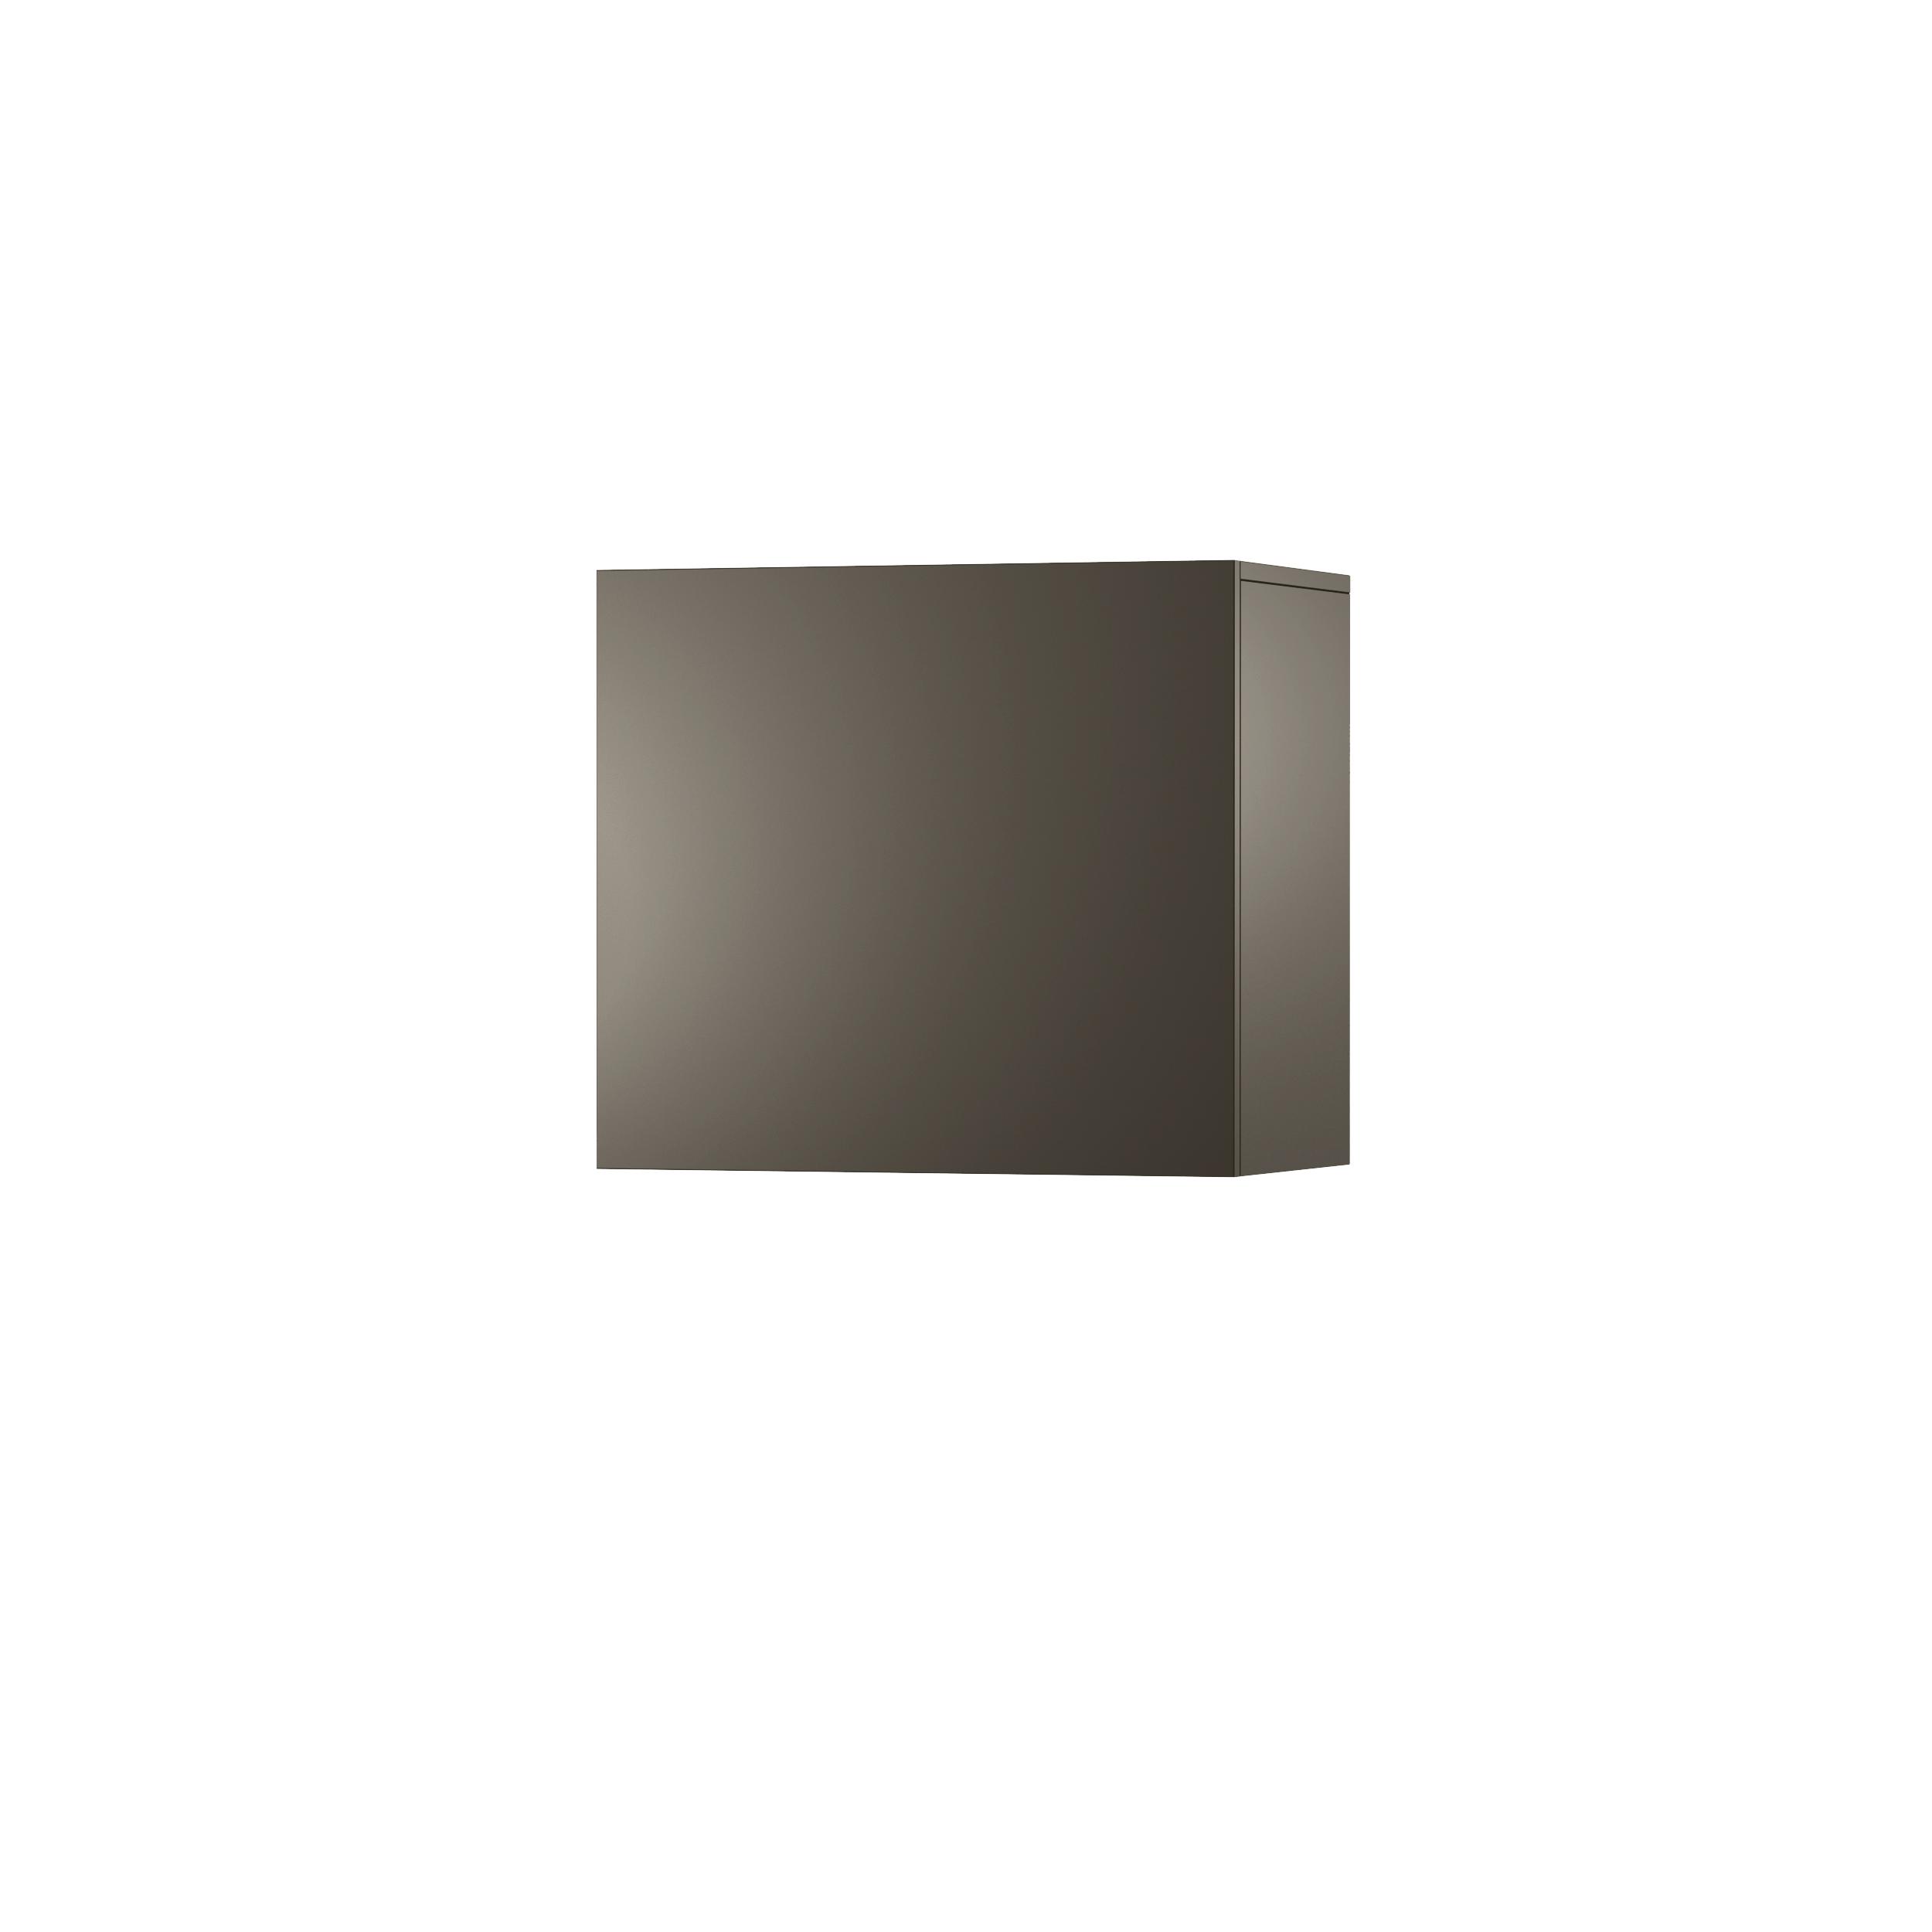 Dulap modular Nook Wide Graphite, L65xl37xh58 cm